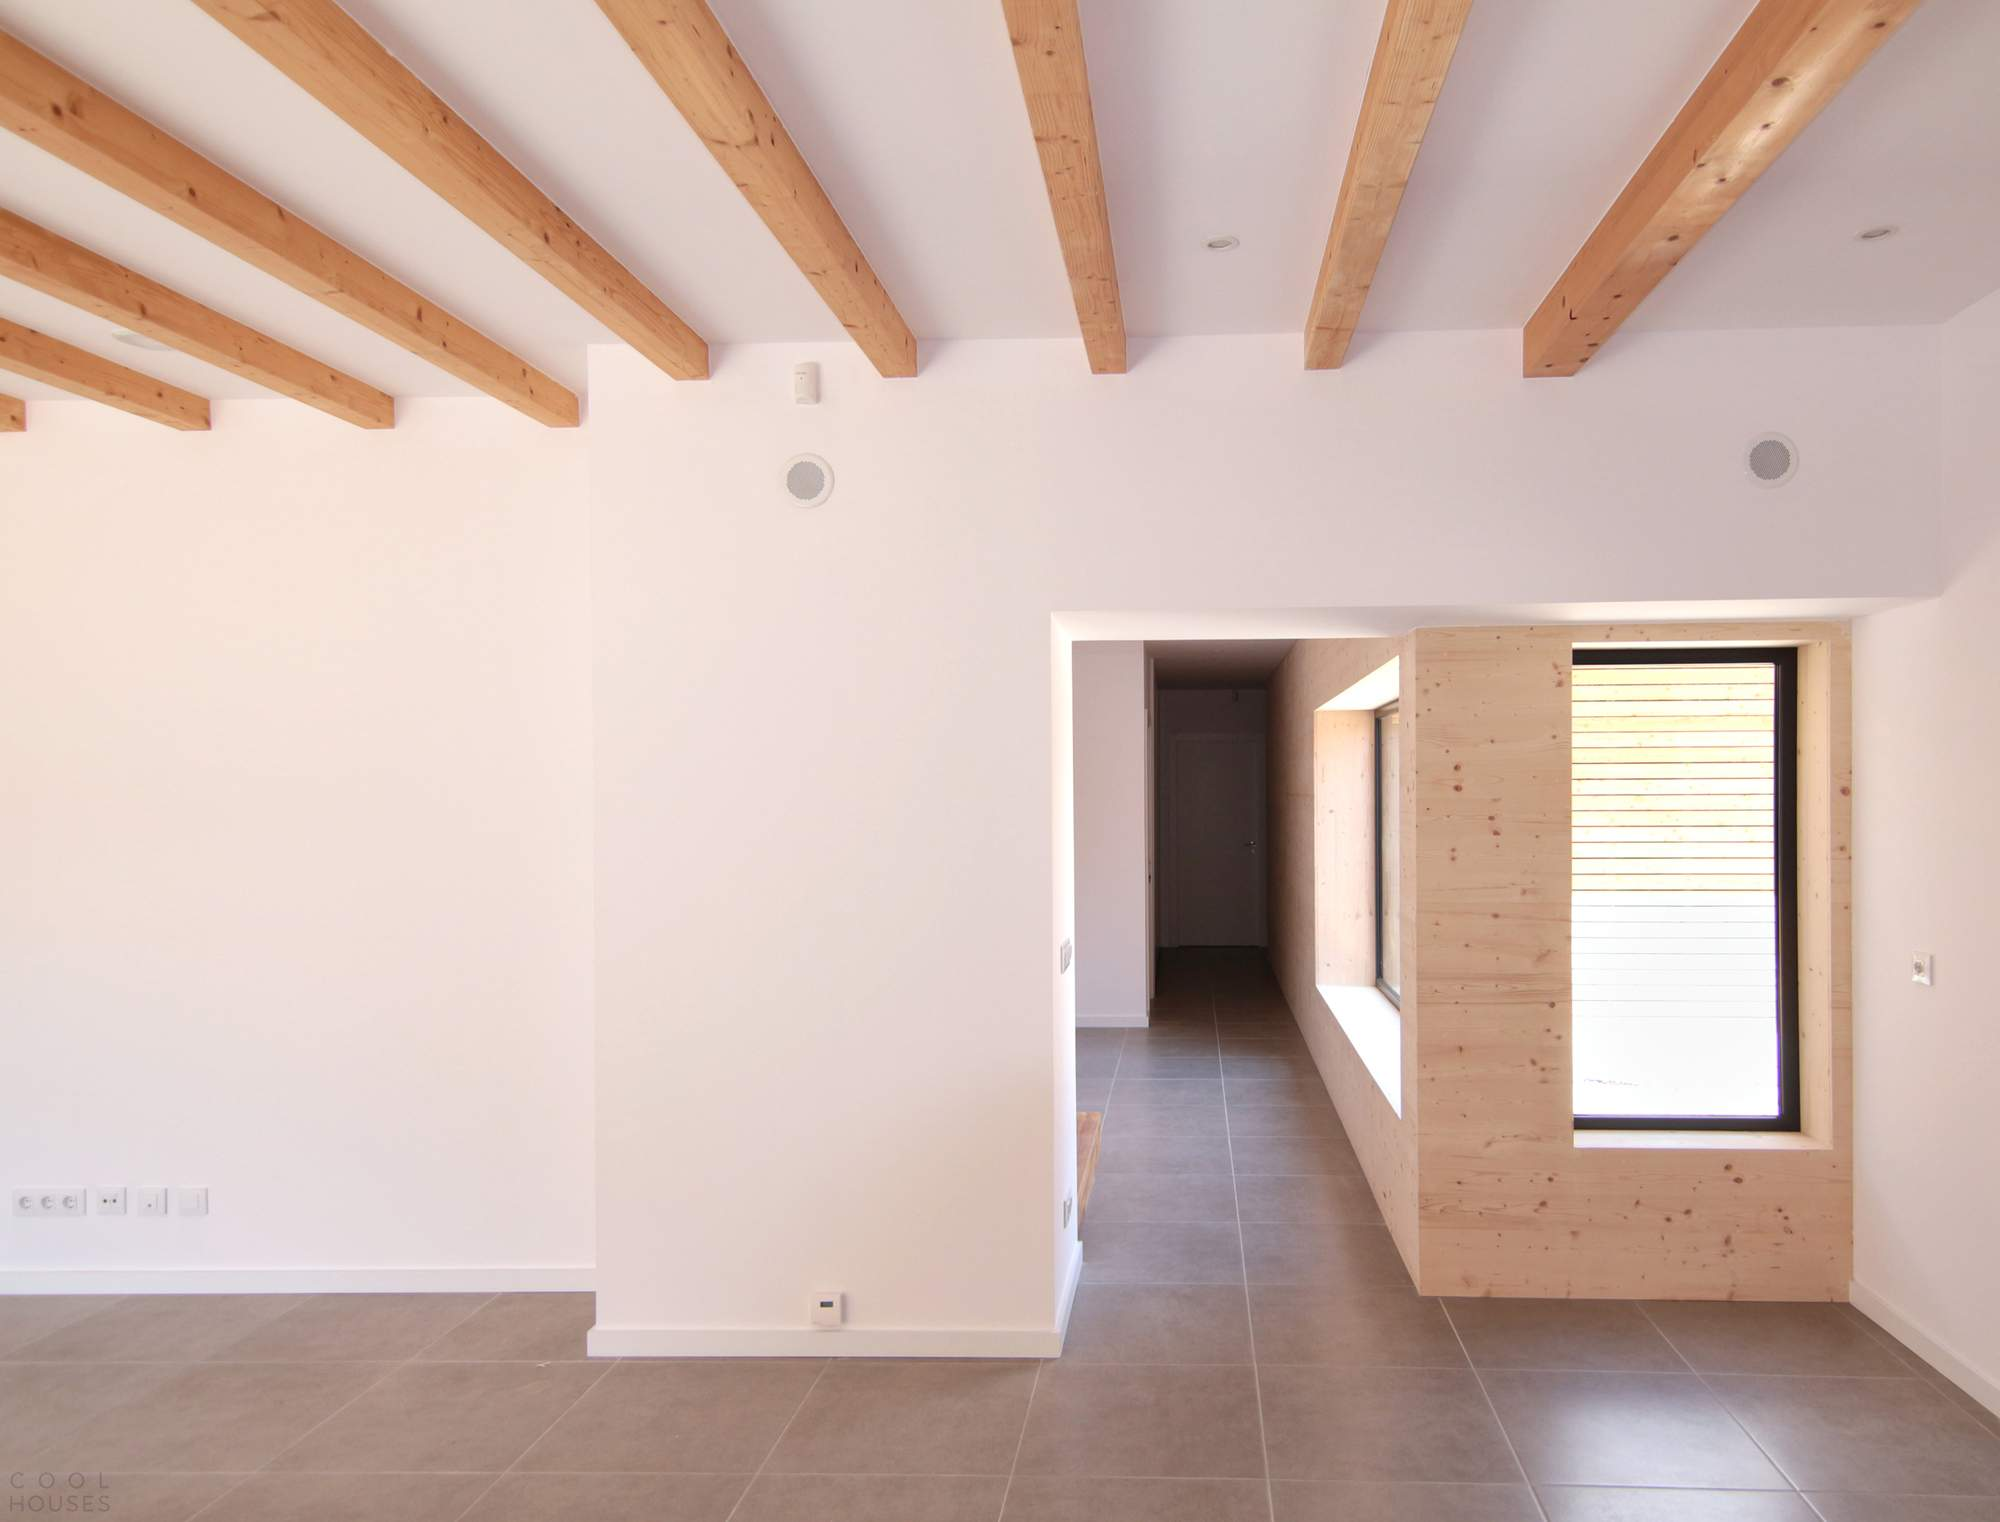 Современный жилой дом с респектабельным стильным дизайном в Испании